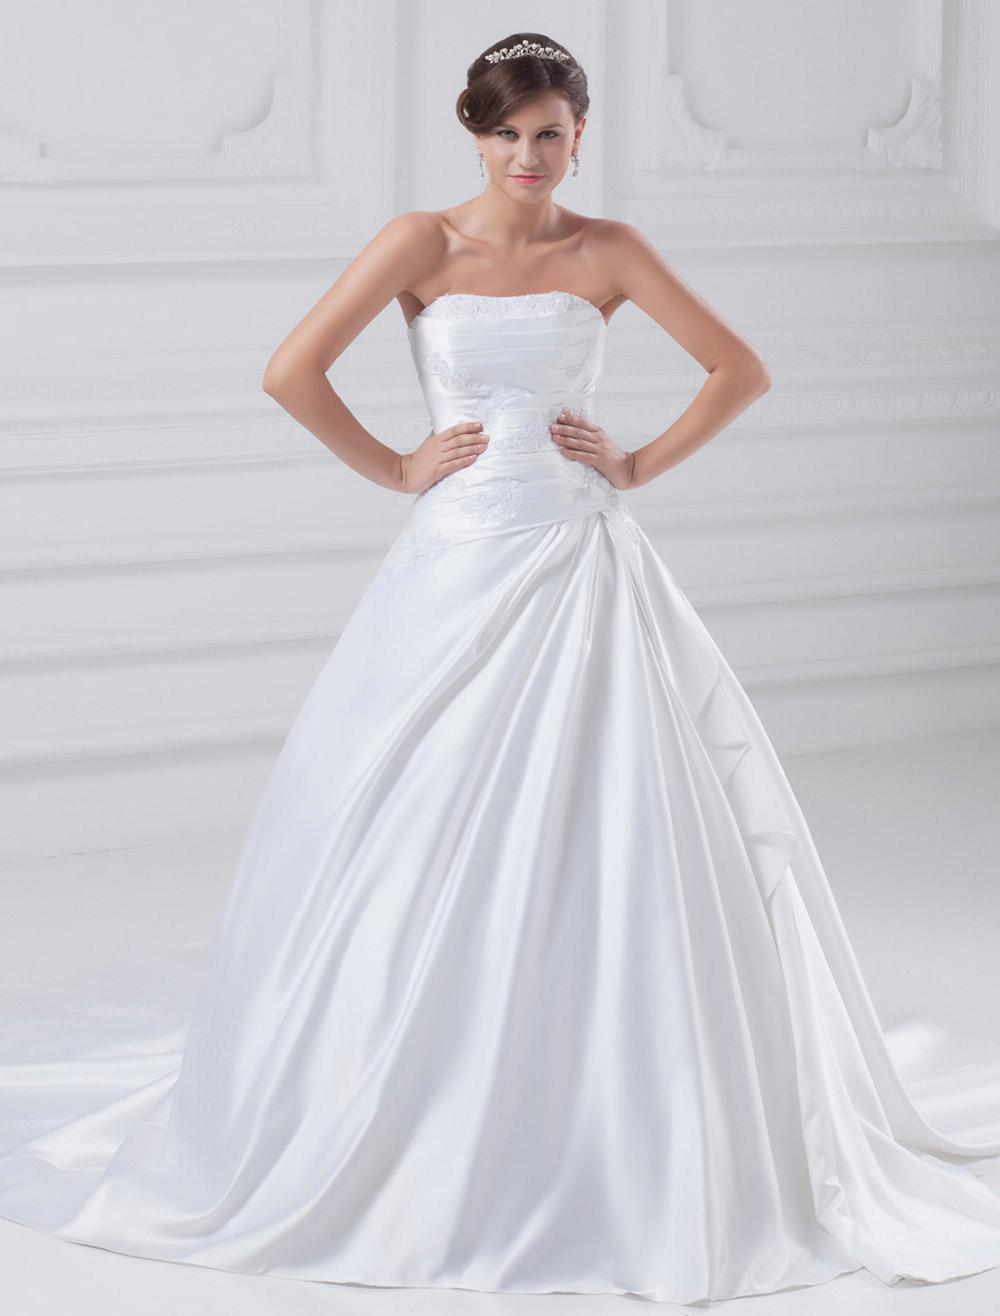 White Ball Gown Beading Satin Wedding Dress For Bride photo